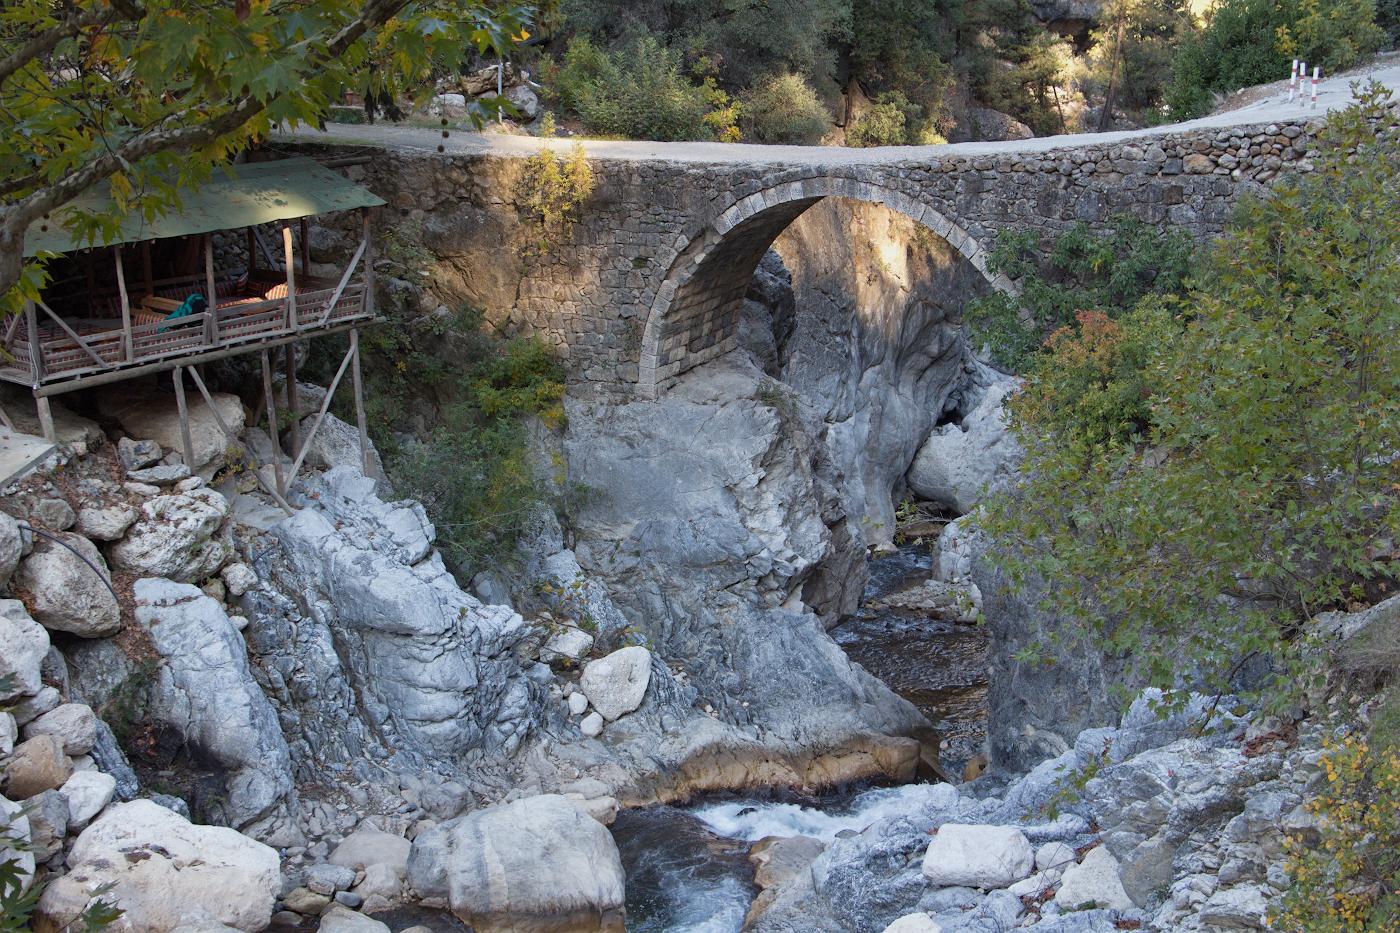 11. Так выглядел мост через реку Агва до реконструкции в 2017 году. Снимок предоставлен другом сайта Вероникой Бурликовой. Снято на камеру CanonEOS 650D KitEF-S18-135mm f/3.5-5.6IS STMв 2015 году. 1/50, 6.3, 200, +0.33, 35.